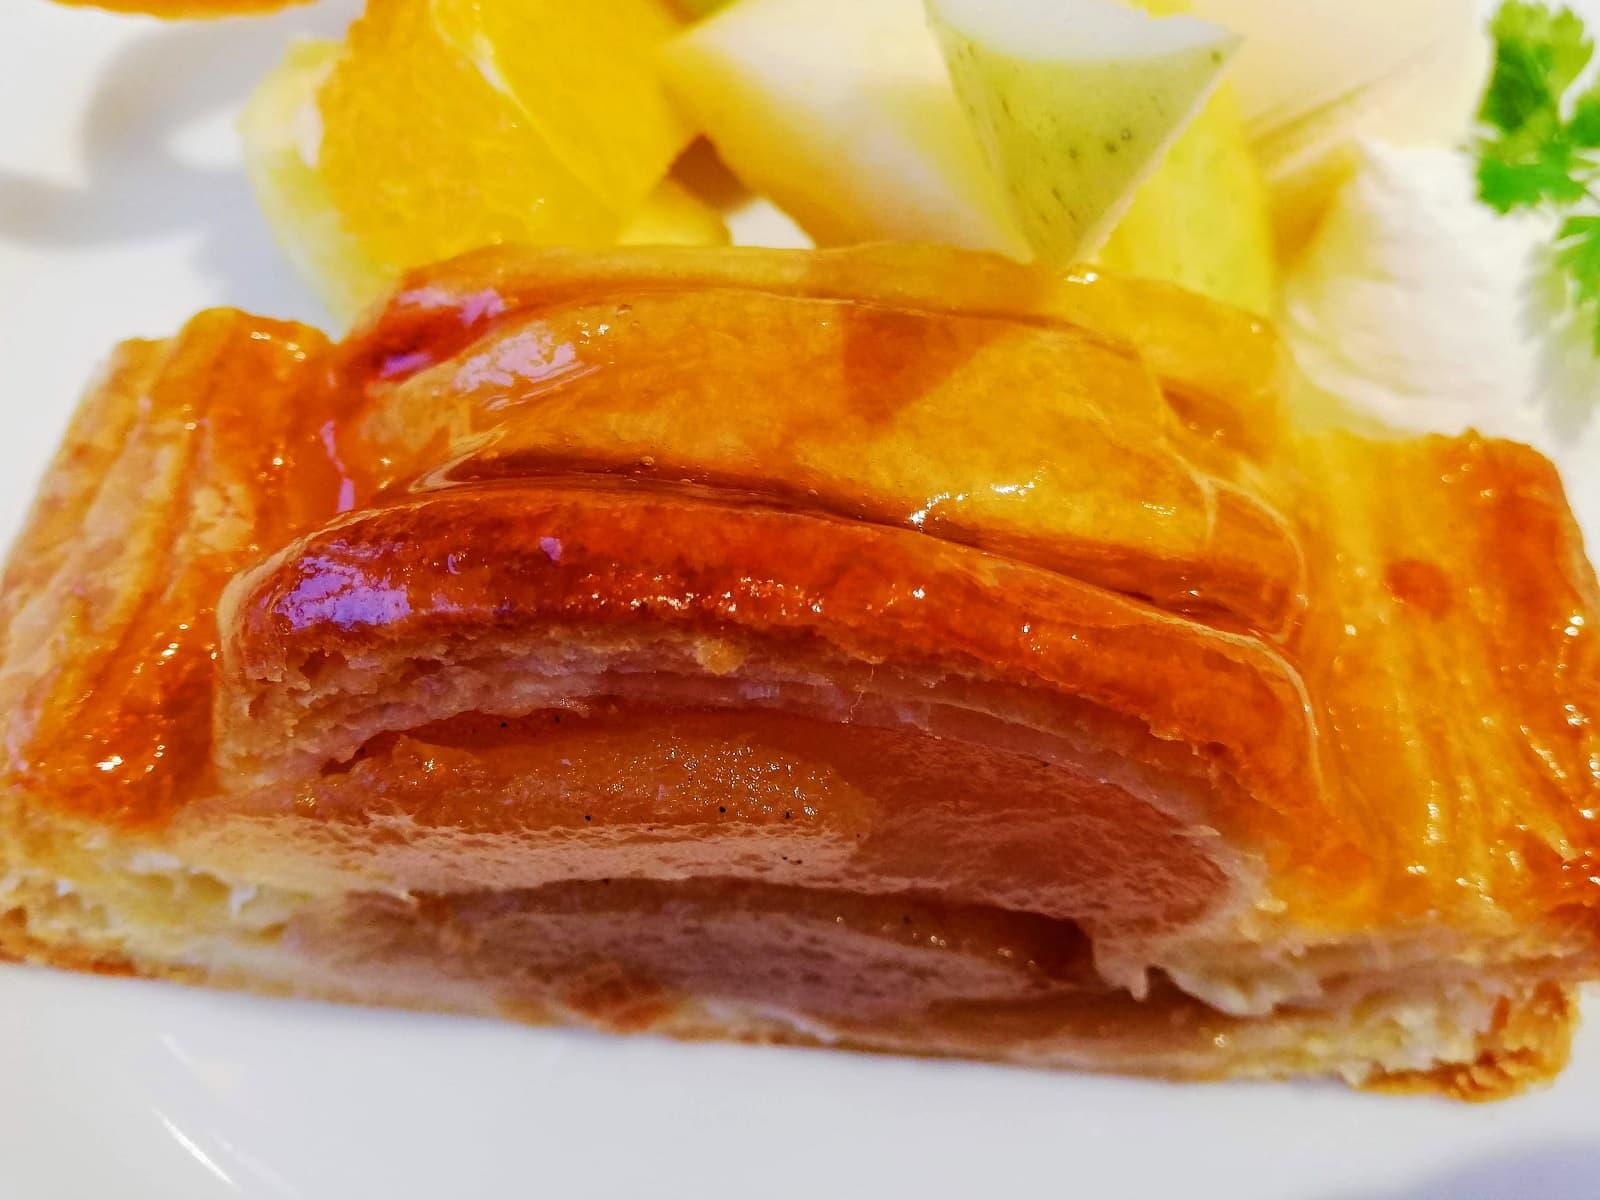 京橋千疋屋のアップルパイの表面